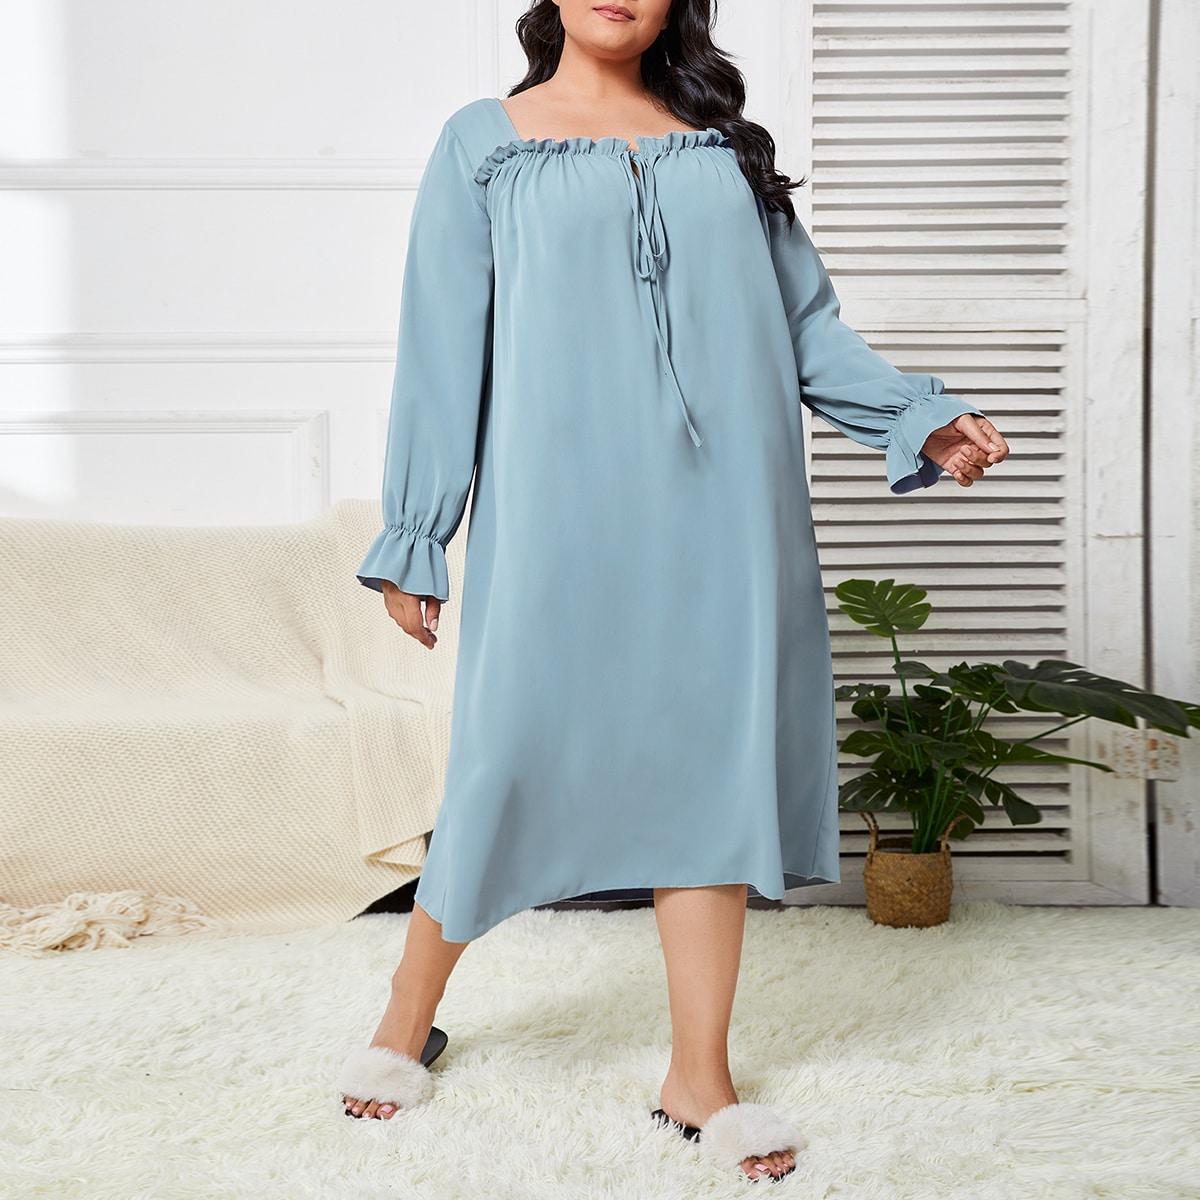 Пижама оверсайз с квадратным вырезом и оборками на шнуровке